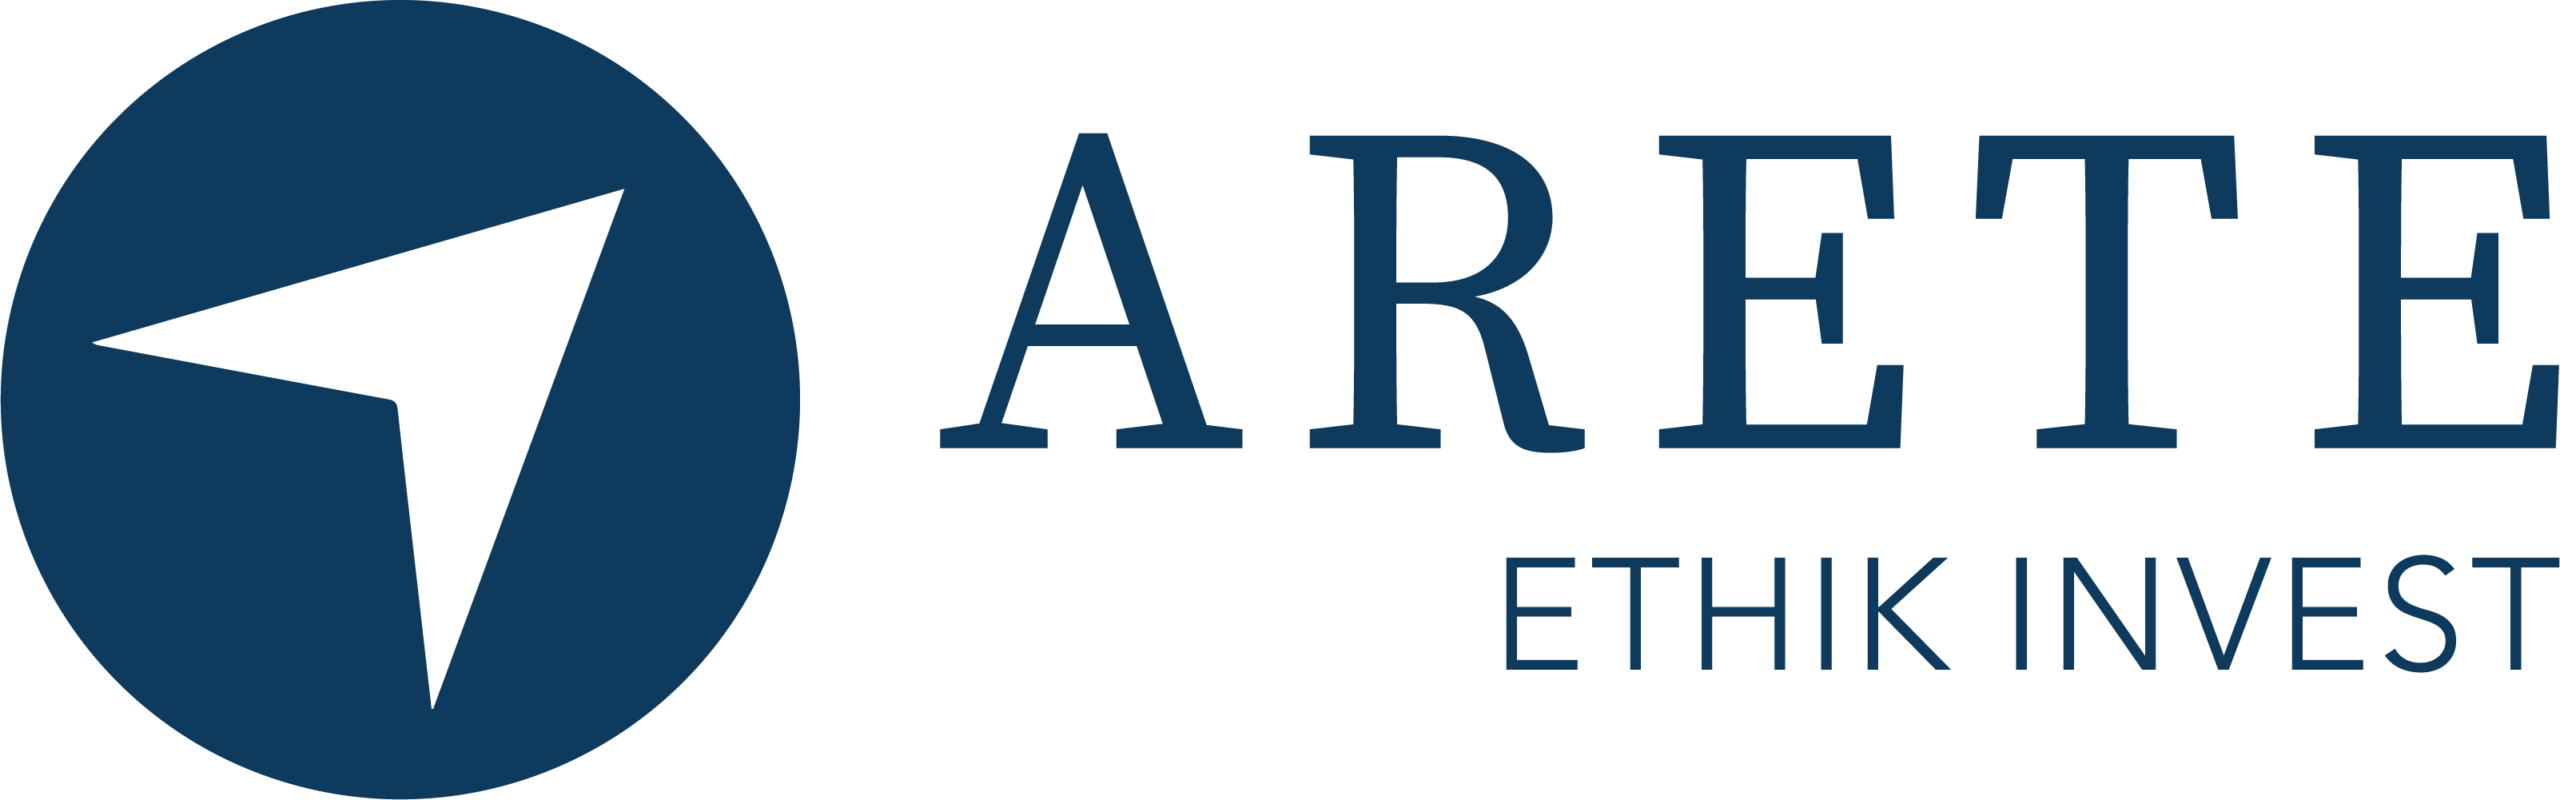 Arete Ethik Invest Logo